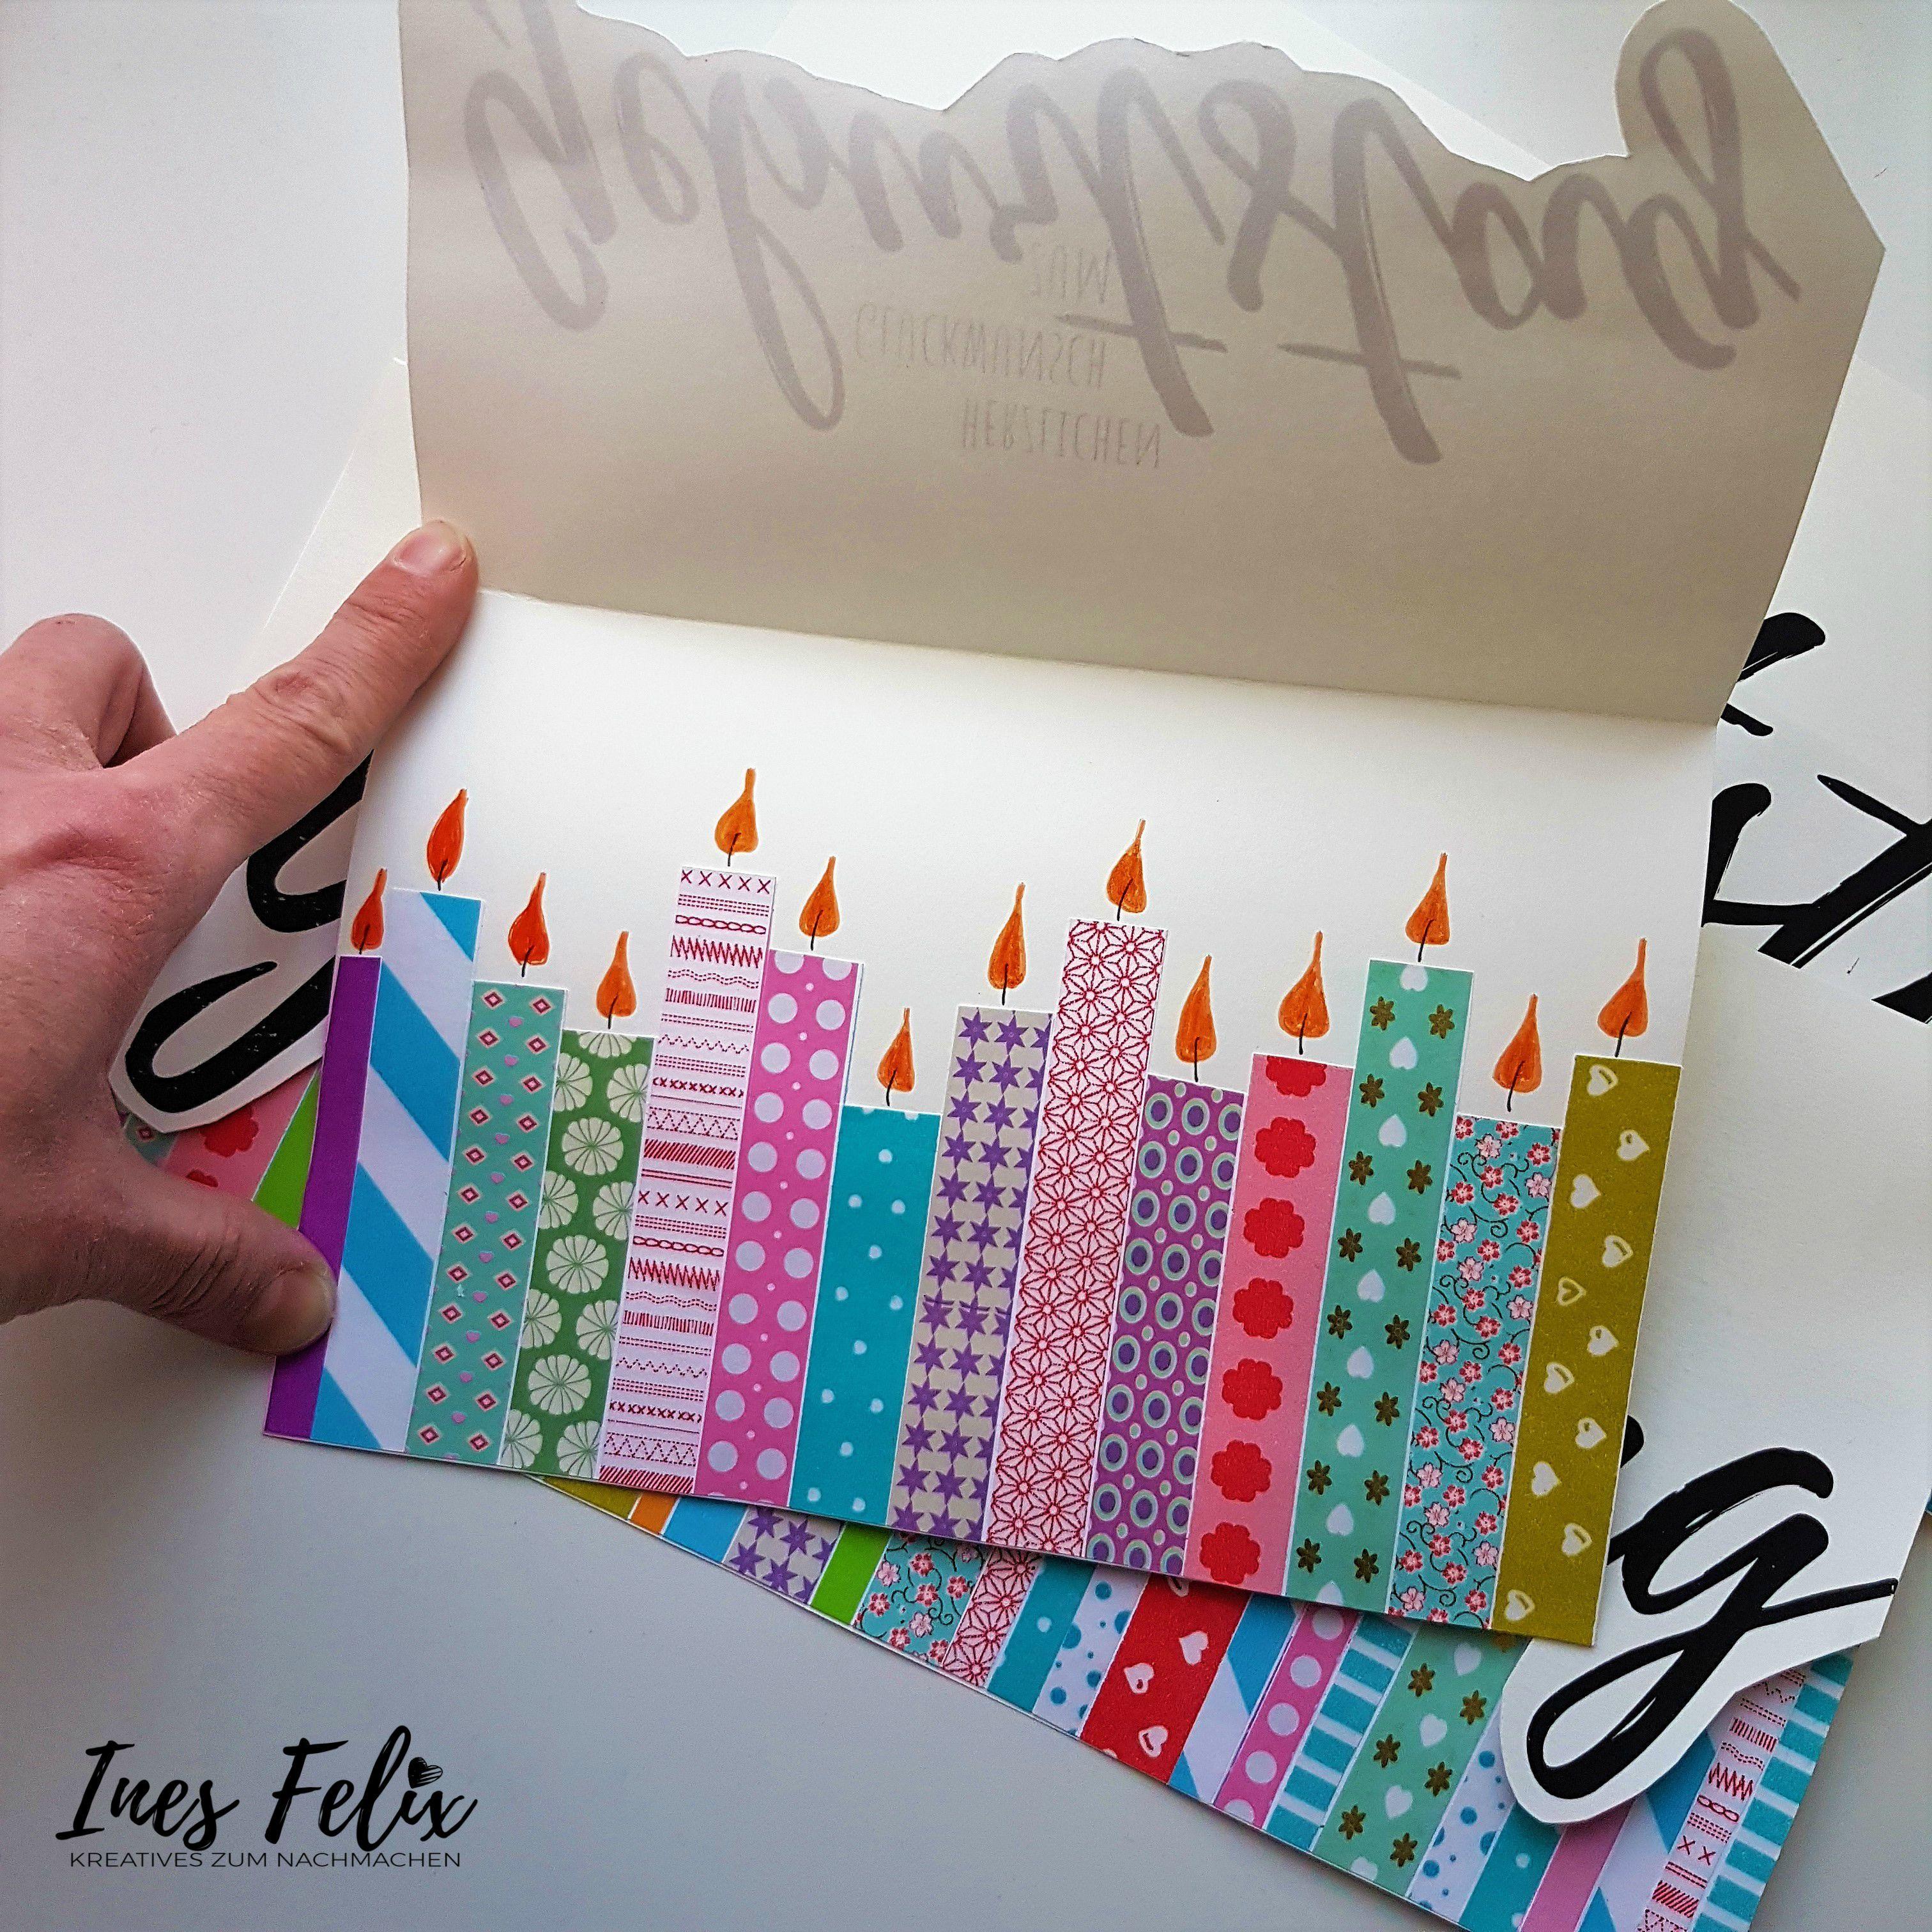 Geburtstagskarte Mit Kerzen Aus Masking Tape Bunt Schön